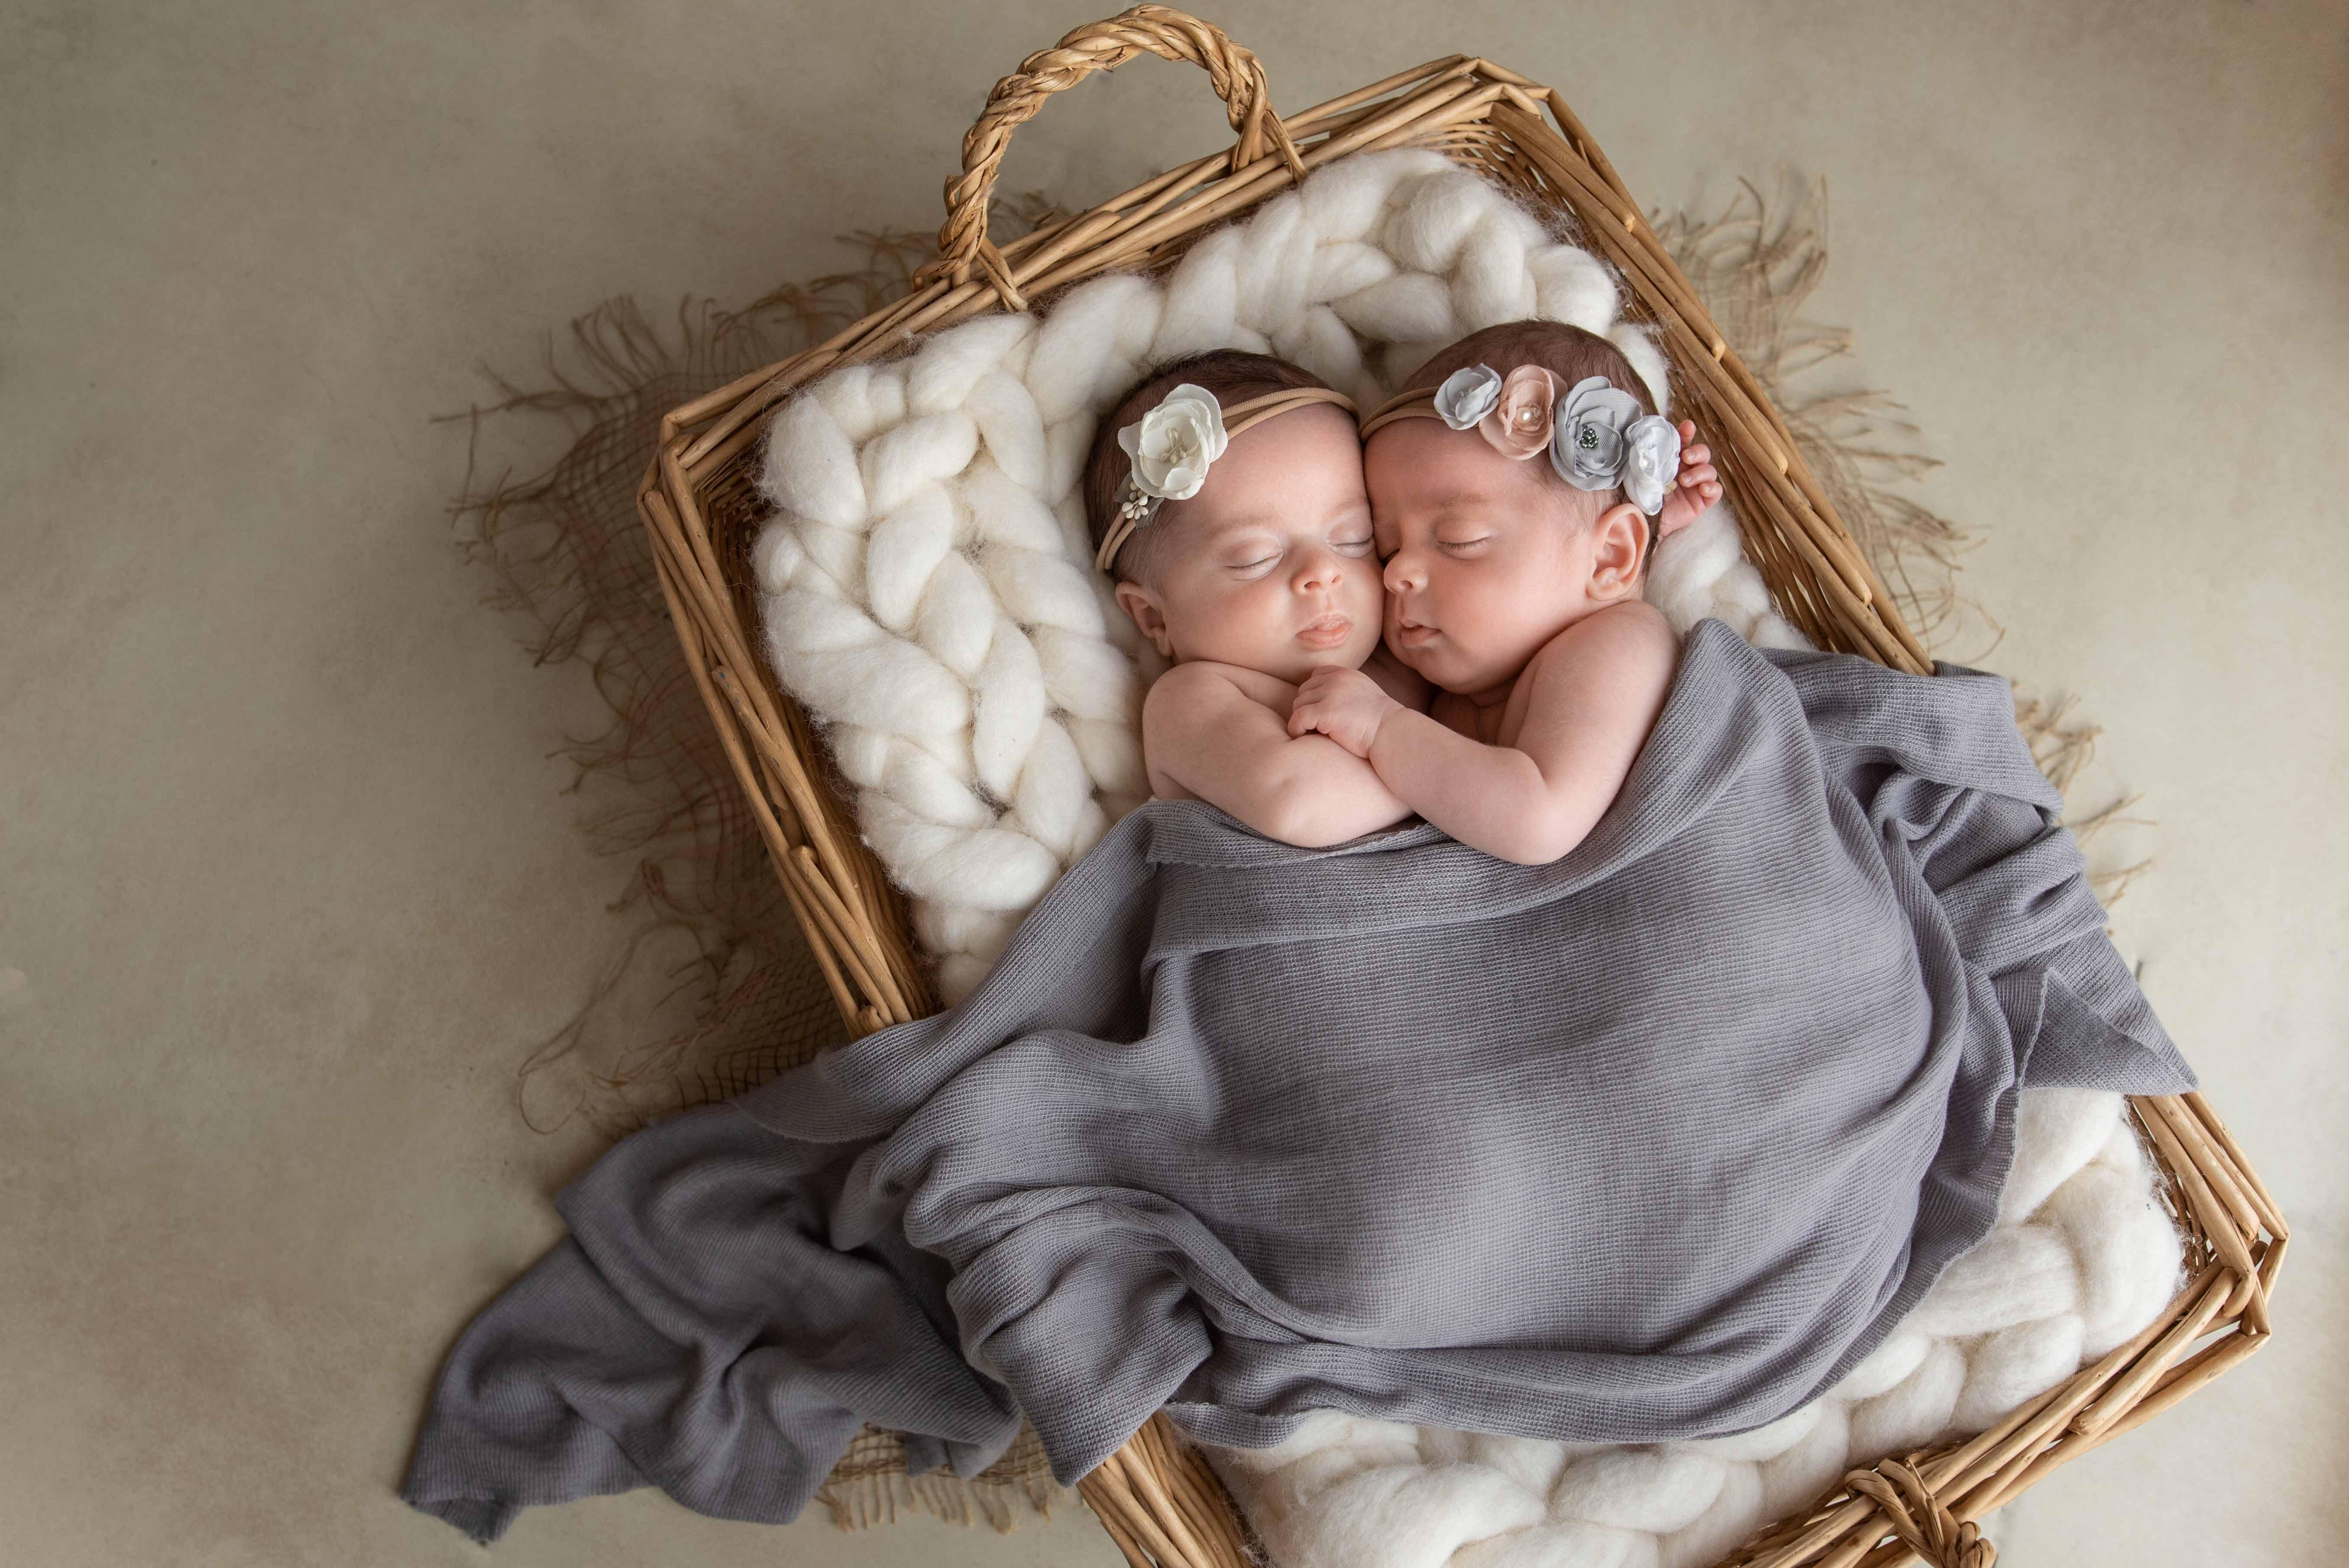 séance photo de jumeaux nouveau-nés